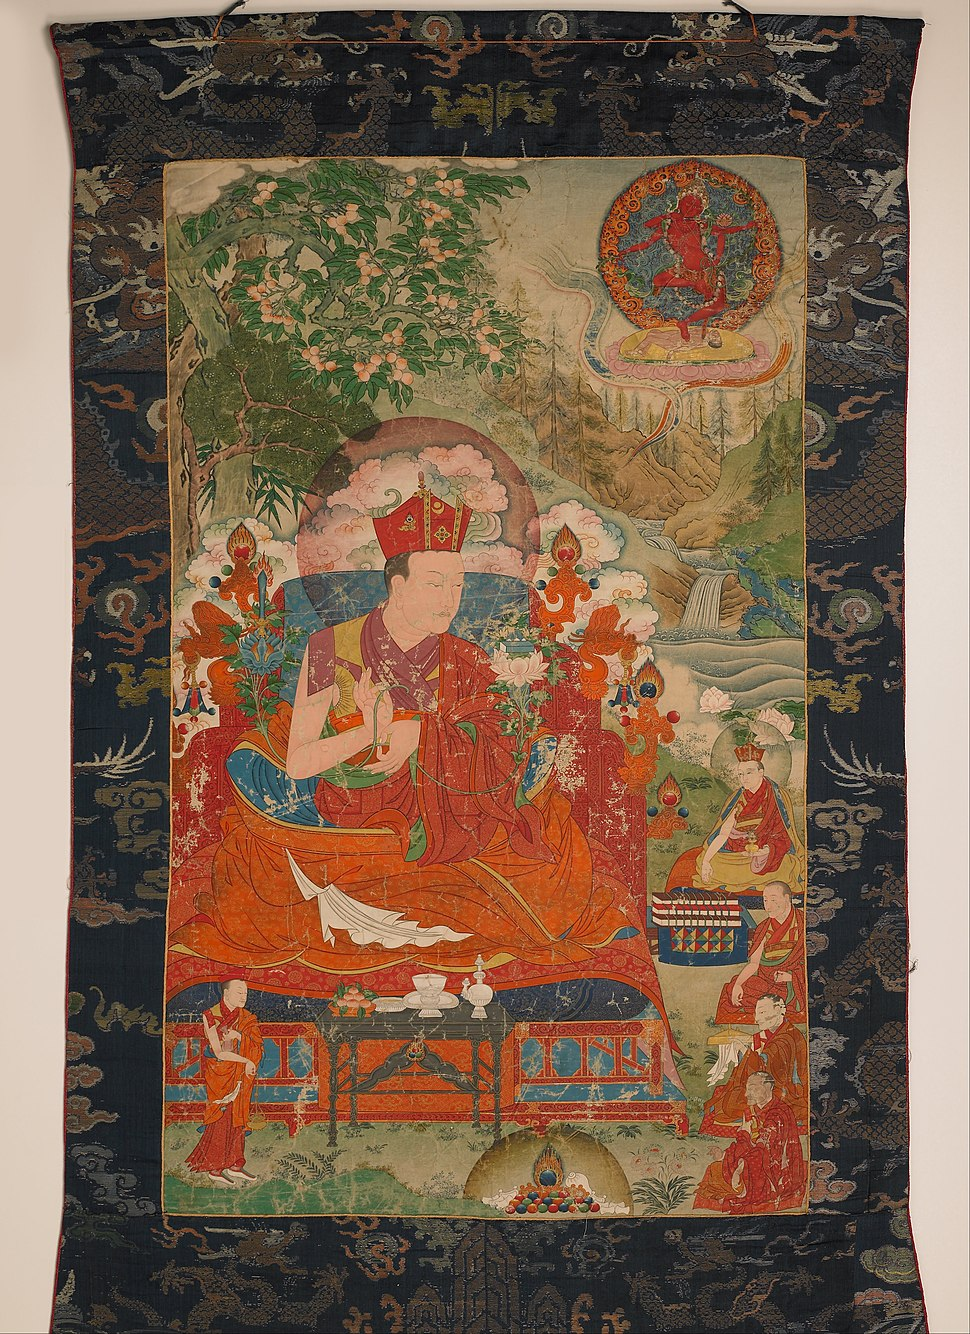 Sixth Shamar Mipam Chokyi Wangchug (1584-1630) - Google Art Project